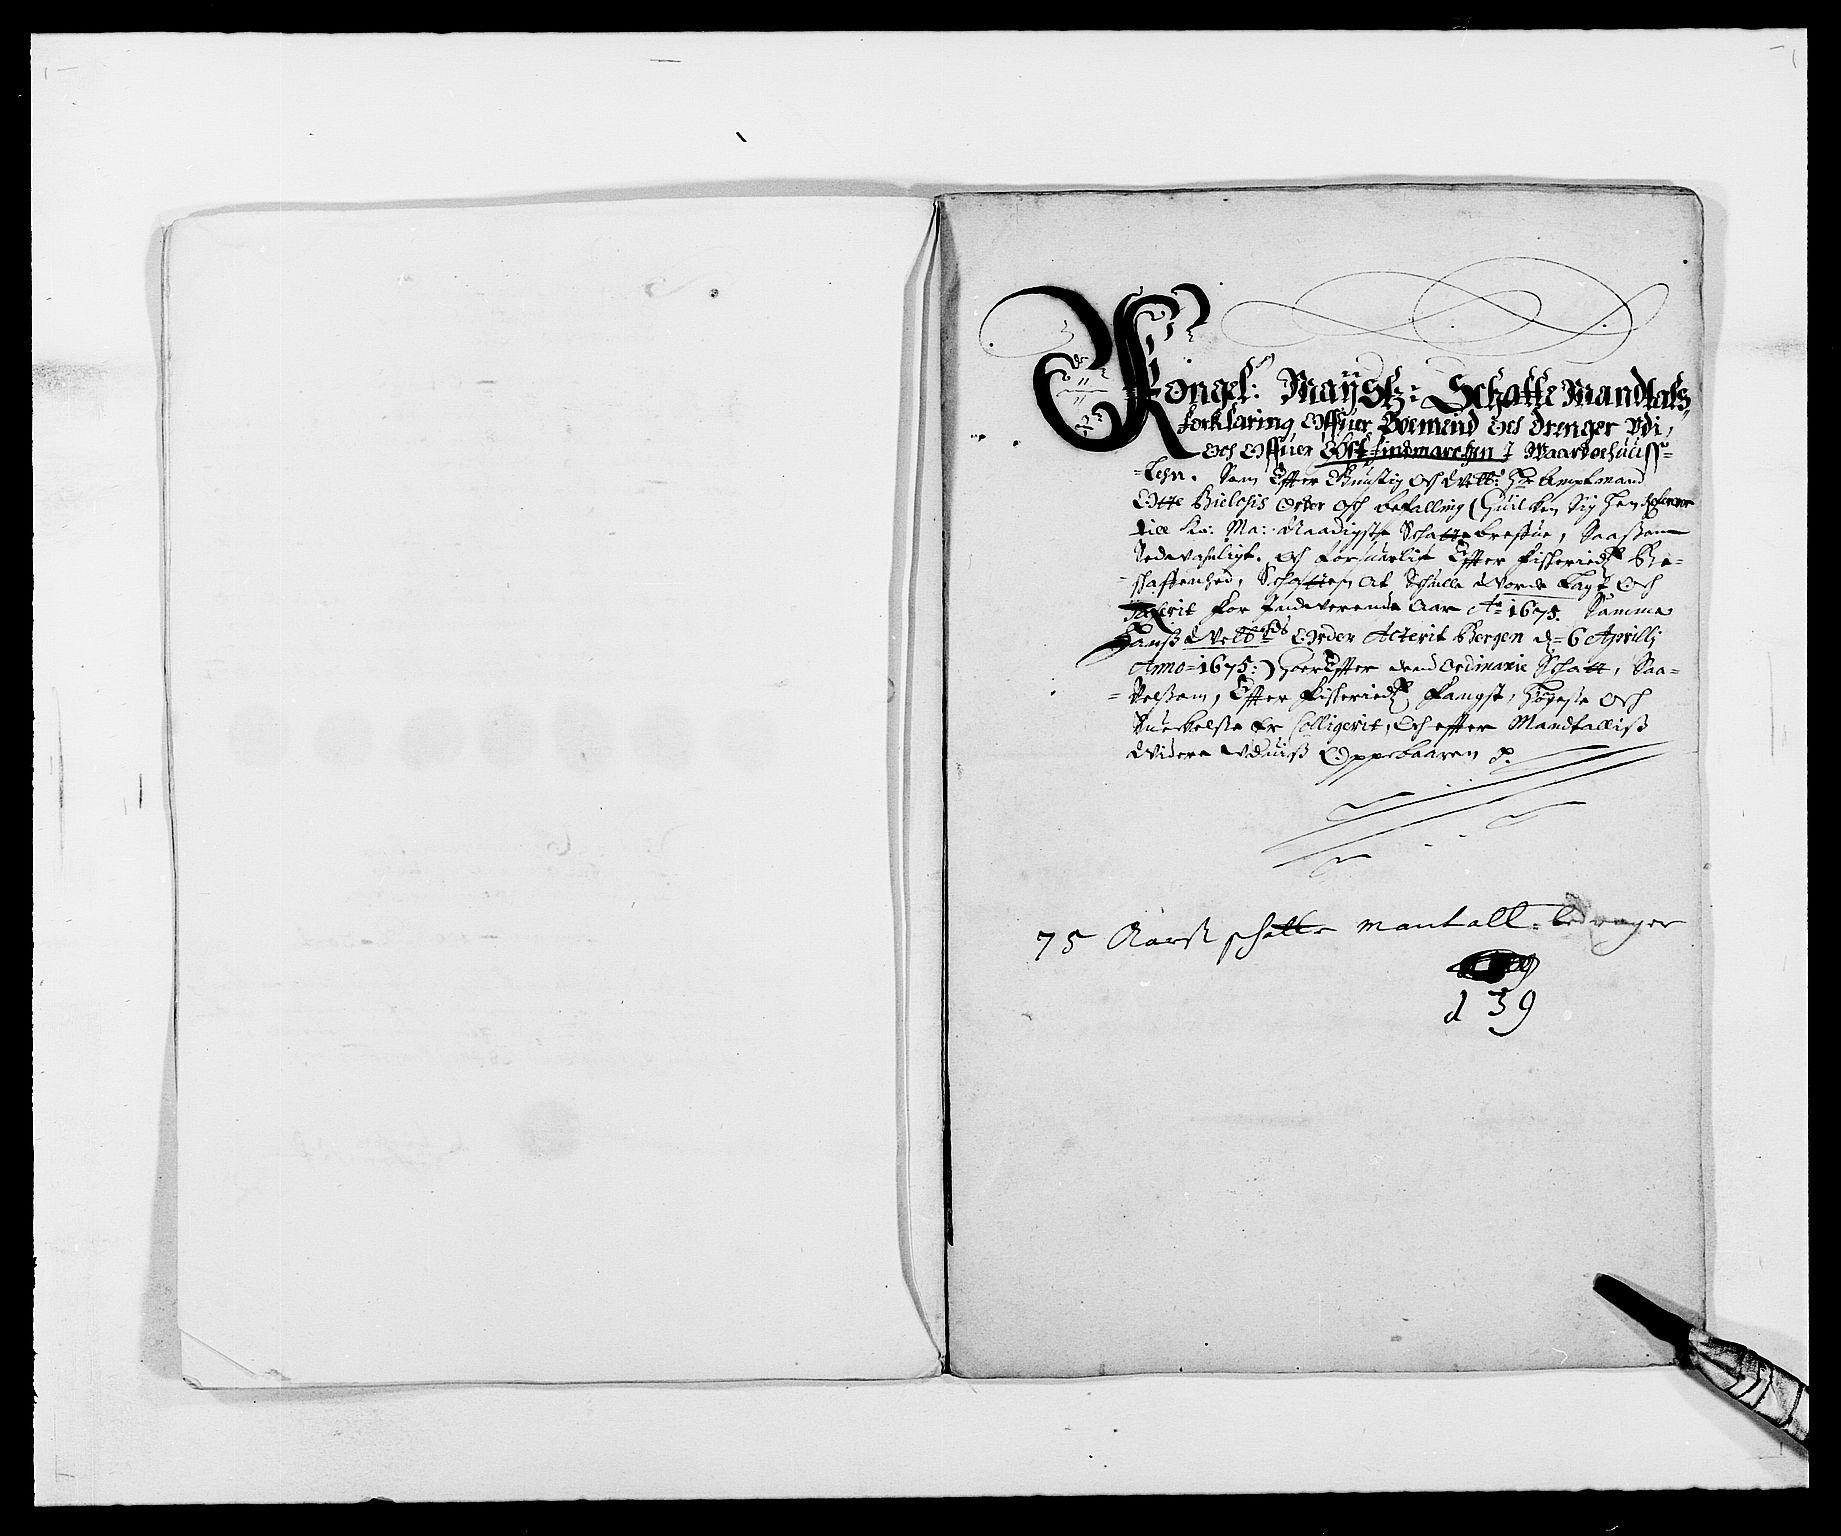 RA, Rentekammeret inntil 1814, Reviderte regnskaper, Fogderegnskap, R69/L4849: Fogderegnskap Finnmark/Vardøhus, 1661-1679, s. 315